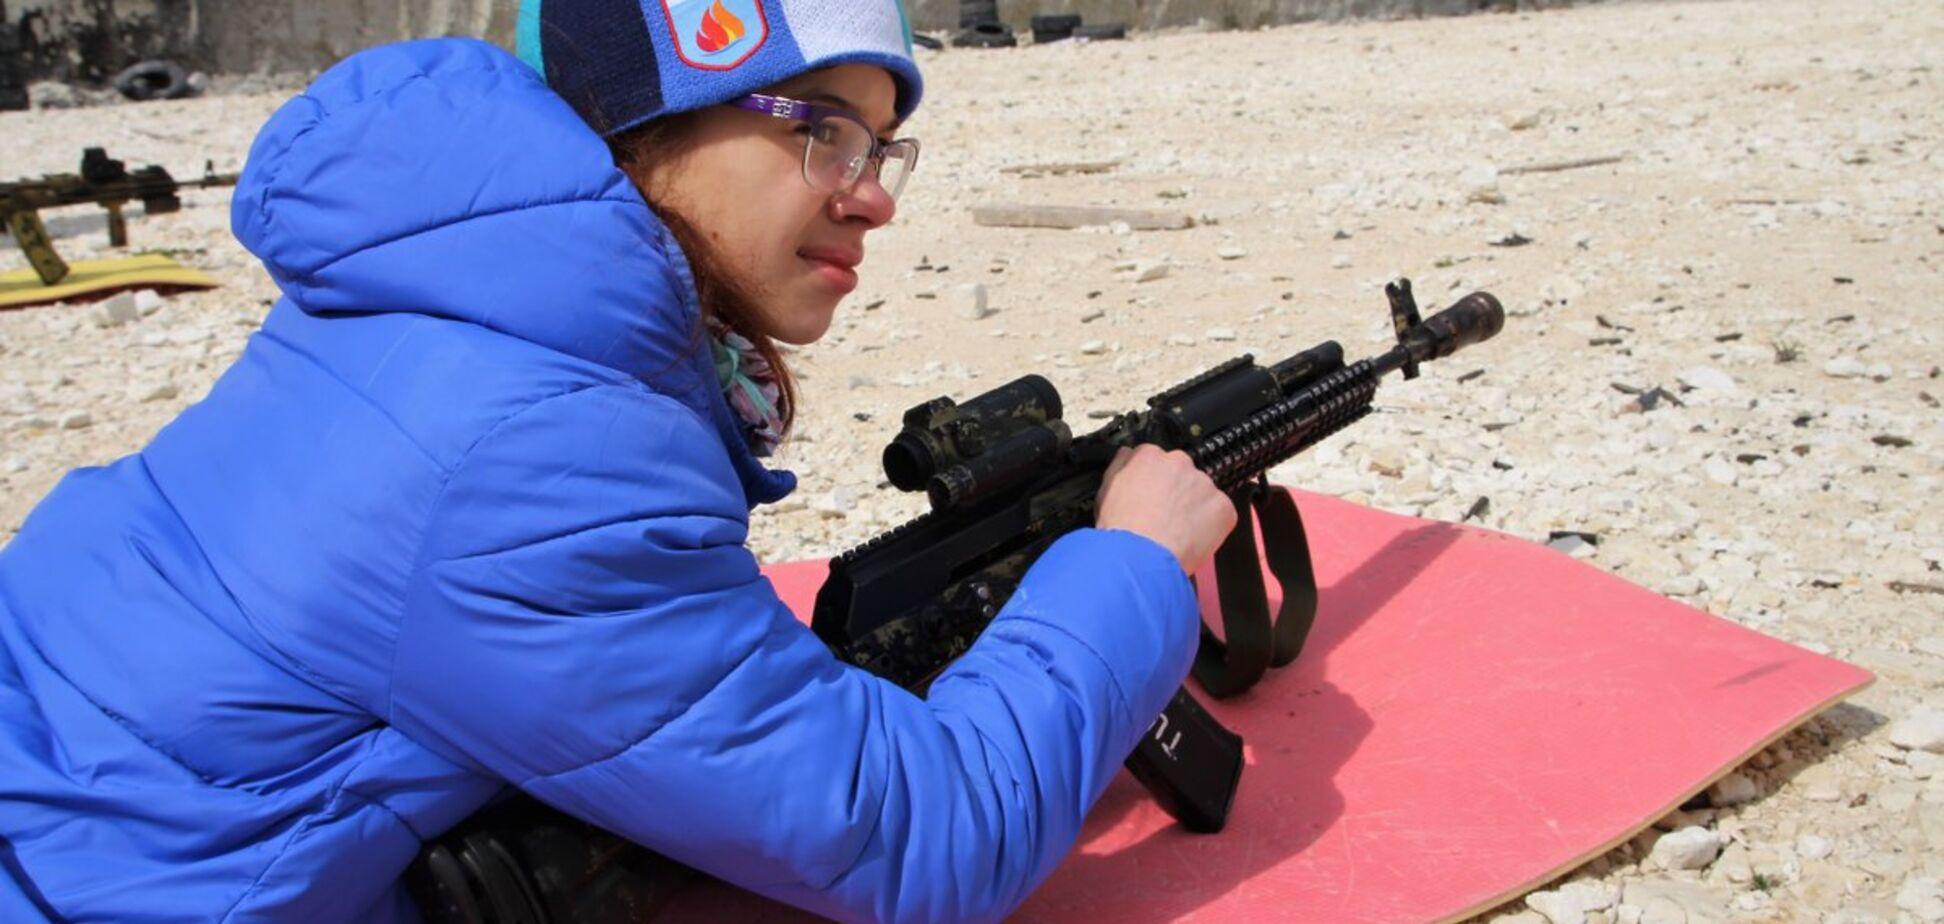 Учат убивать с детства? Появились жутковатые фото из пионерлагеря в Крыму